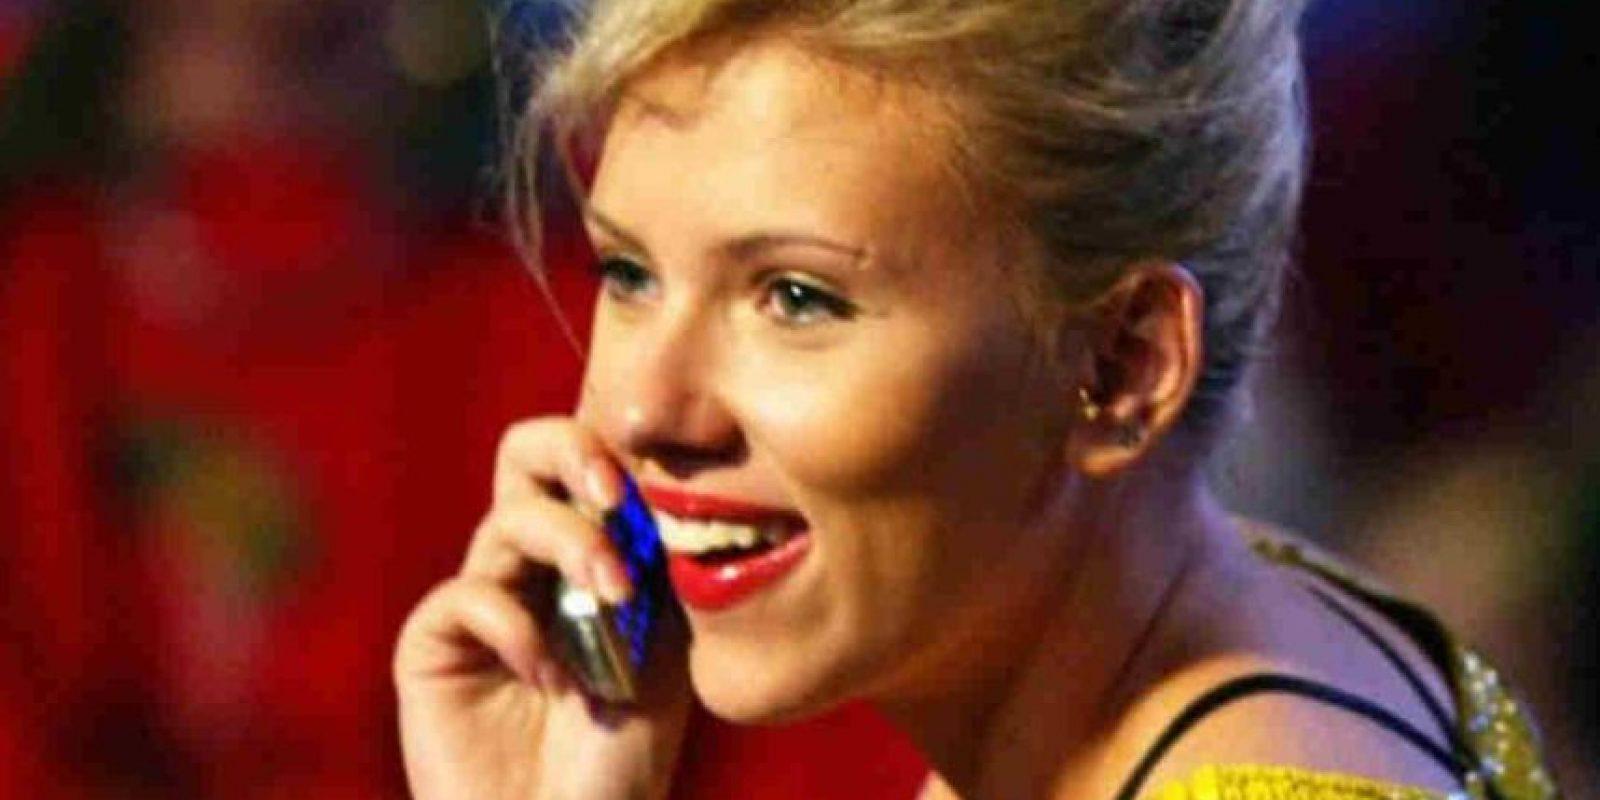 La actriz Scarlett Johansson ha sido captada con este tipo de celulares. Foto:Getty Images